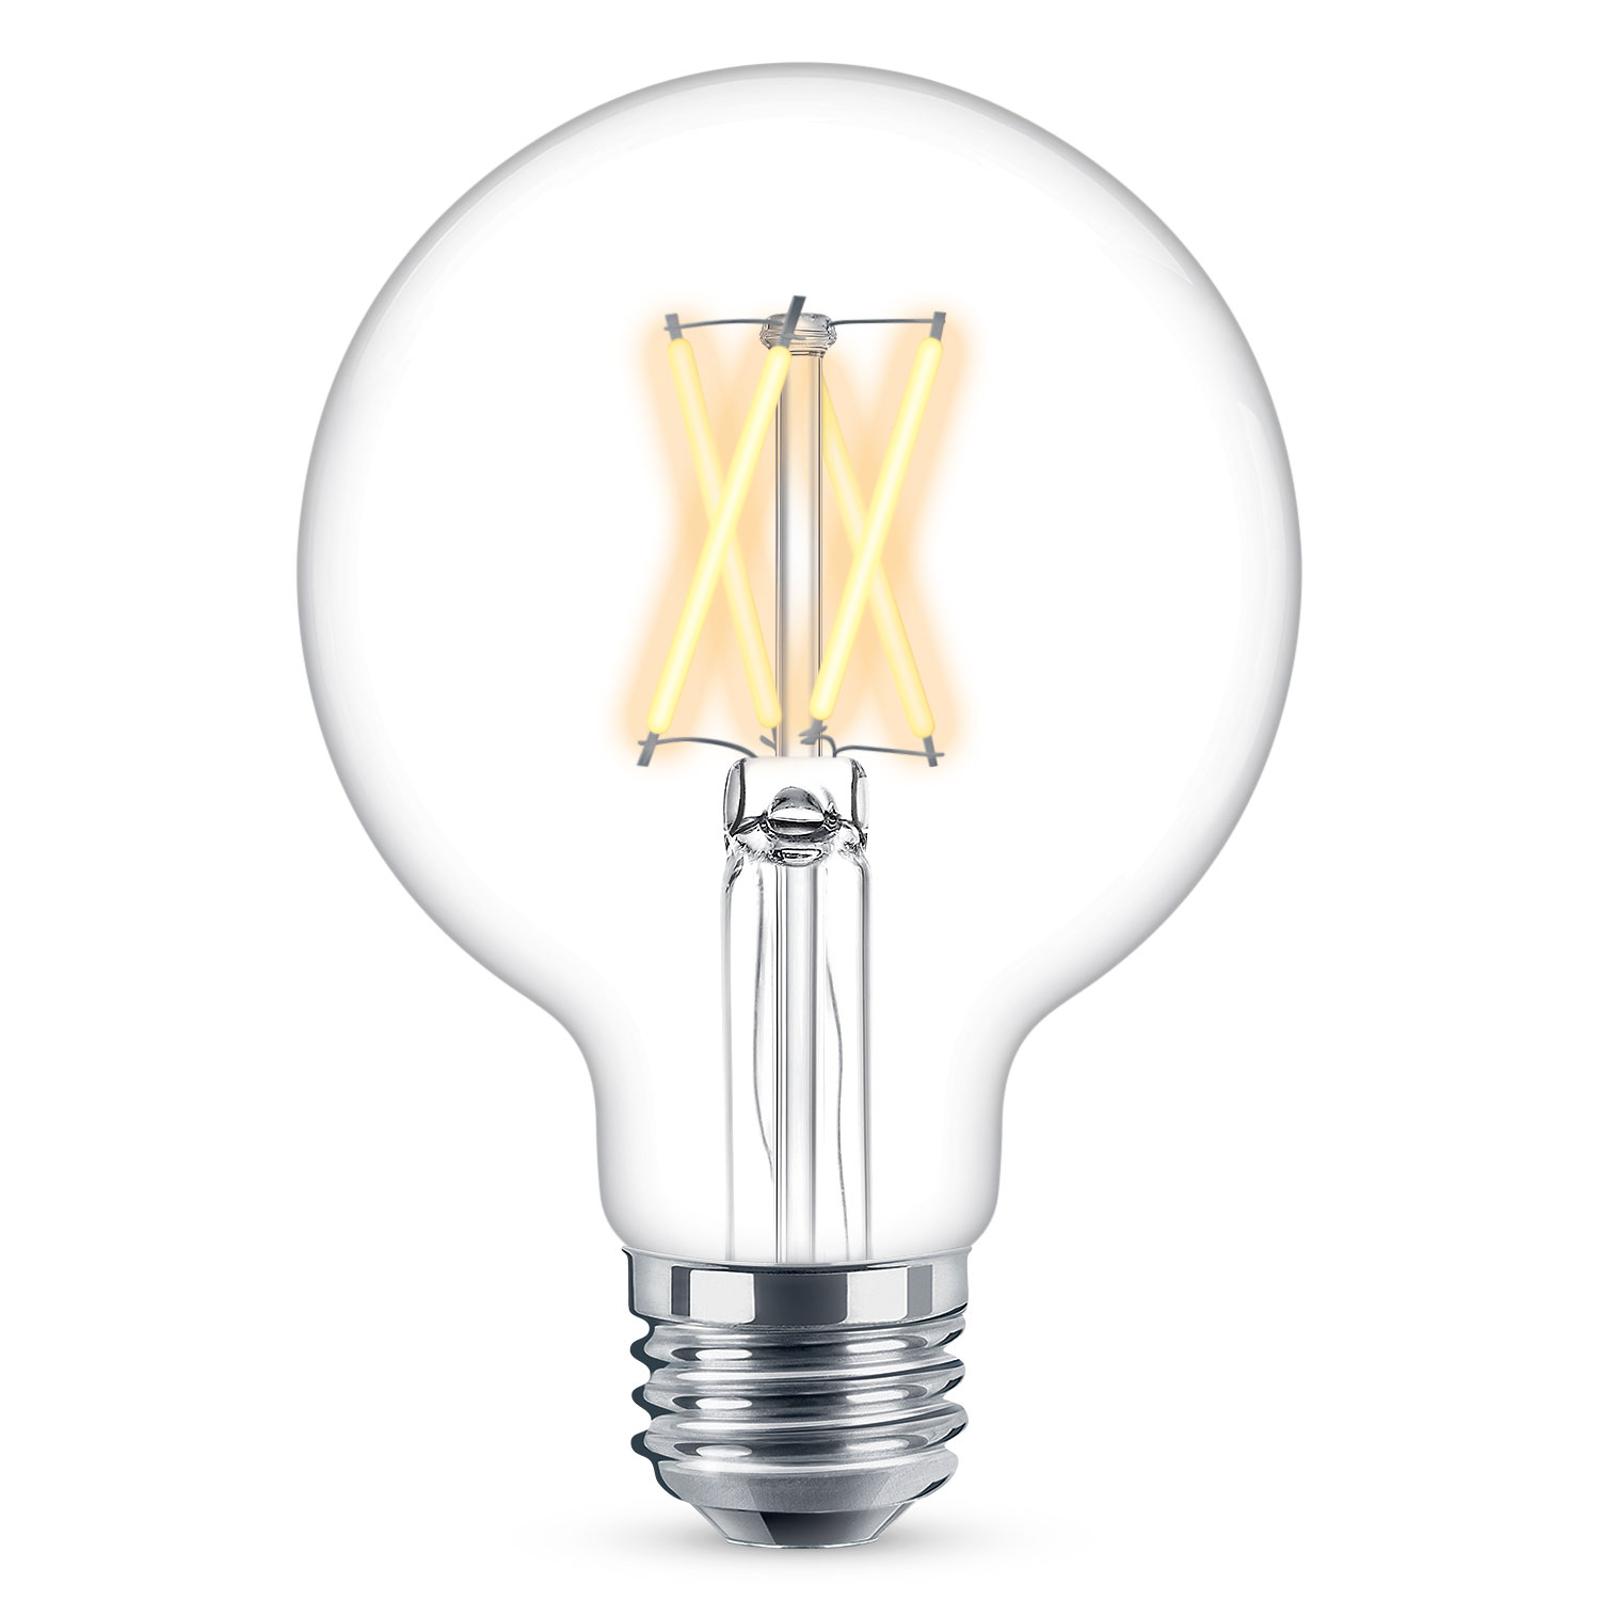 WiZ E27 LED G95 Filament klar 6,5W 2.200-5.500K